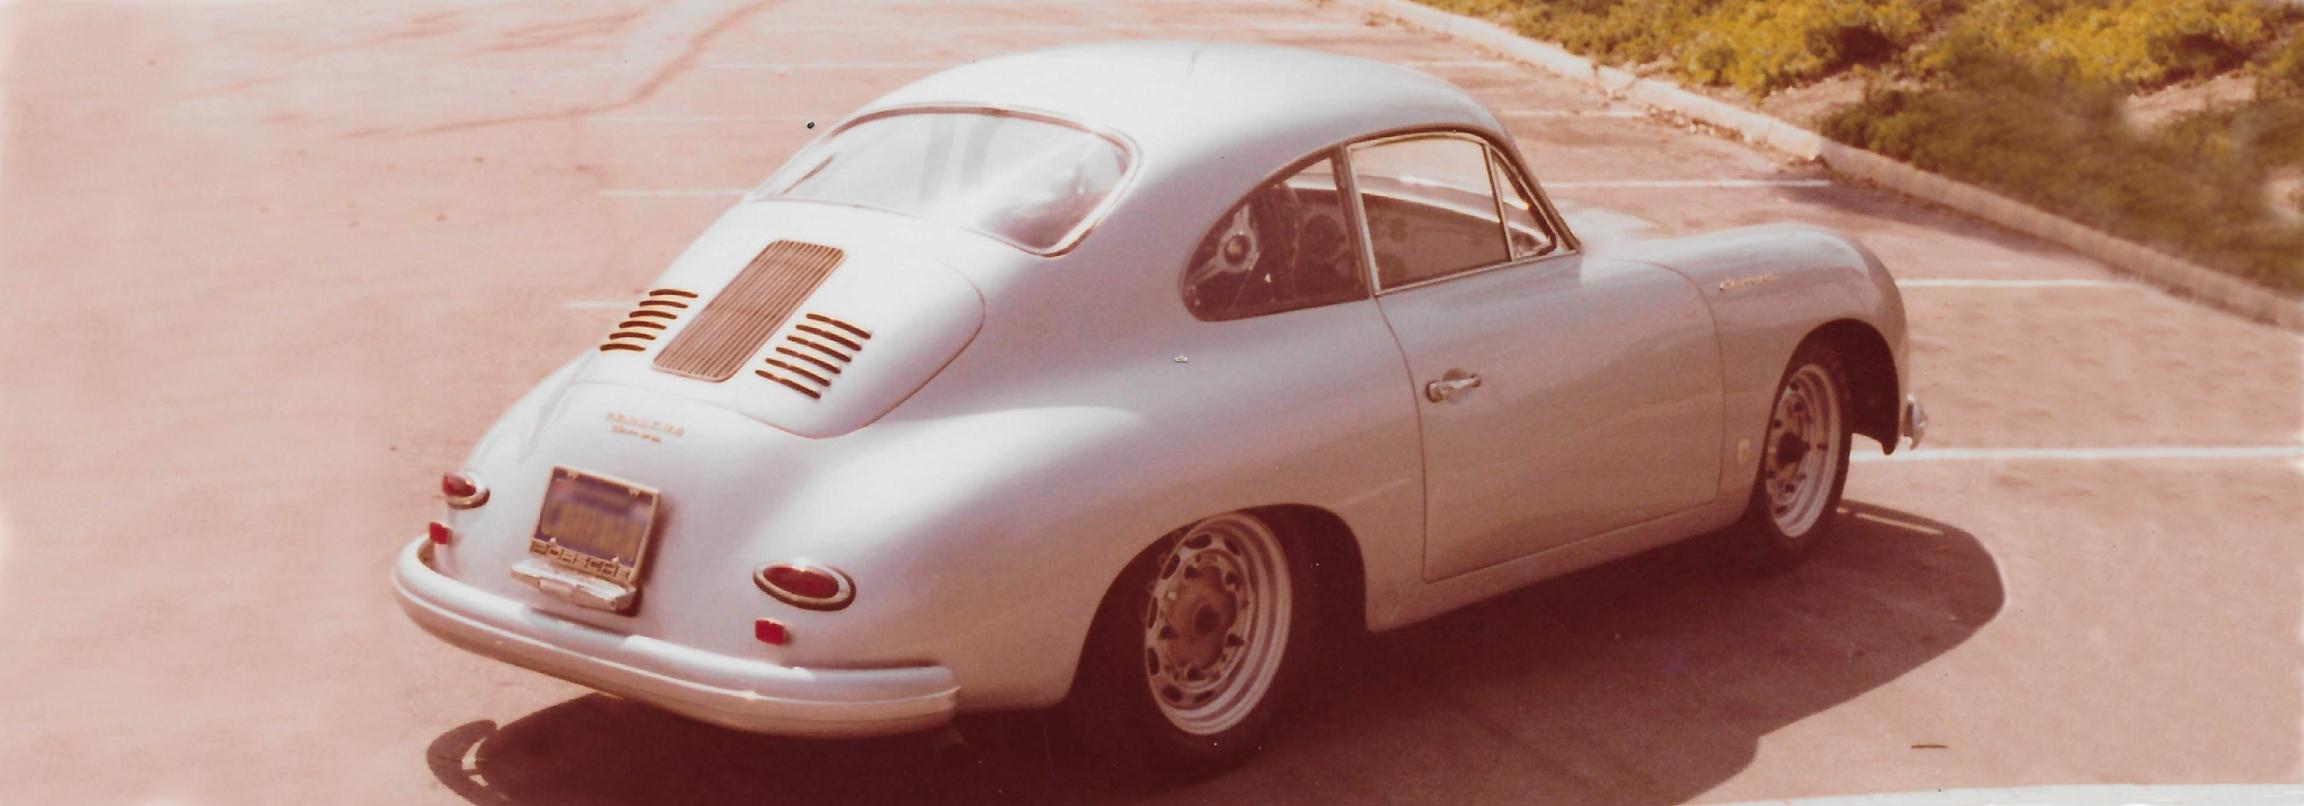 1959 Carrera GT